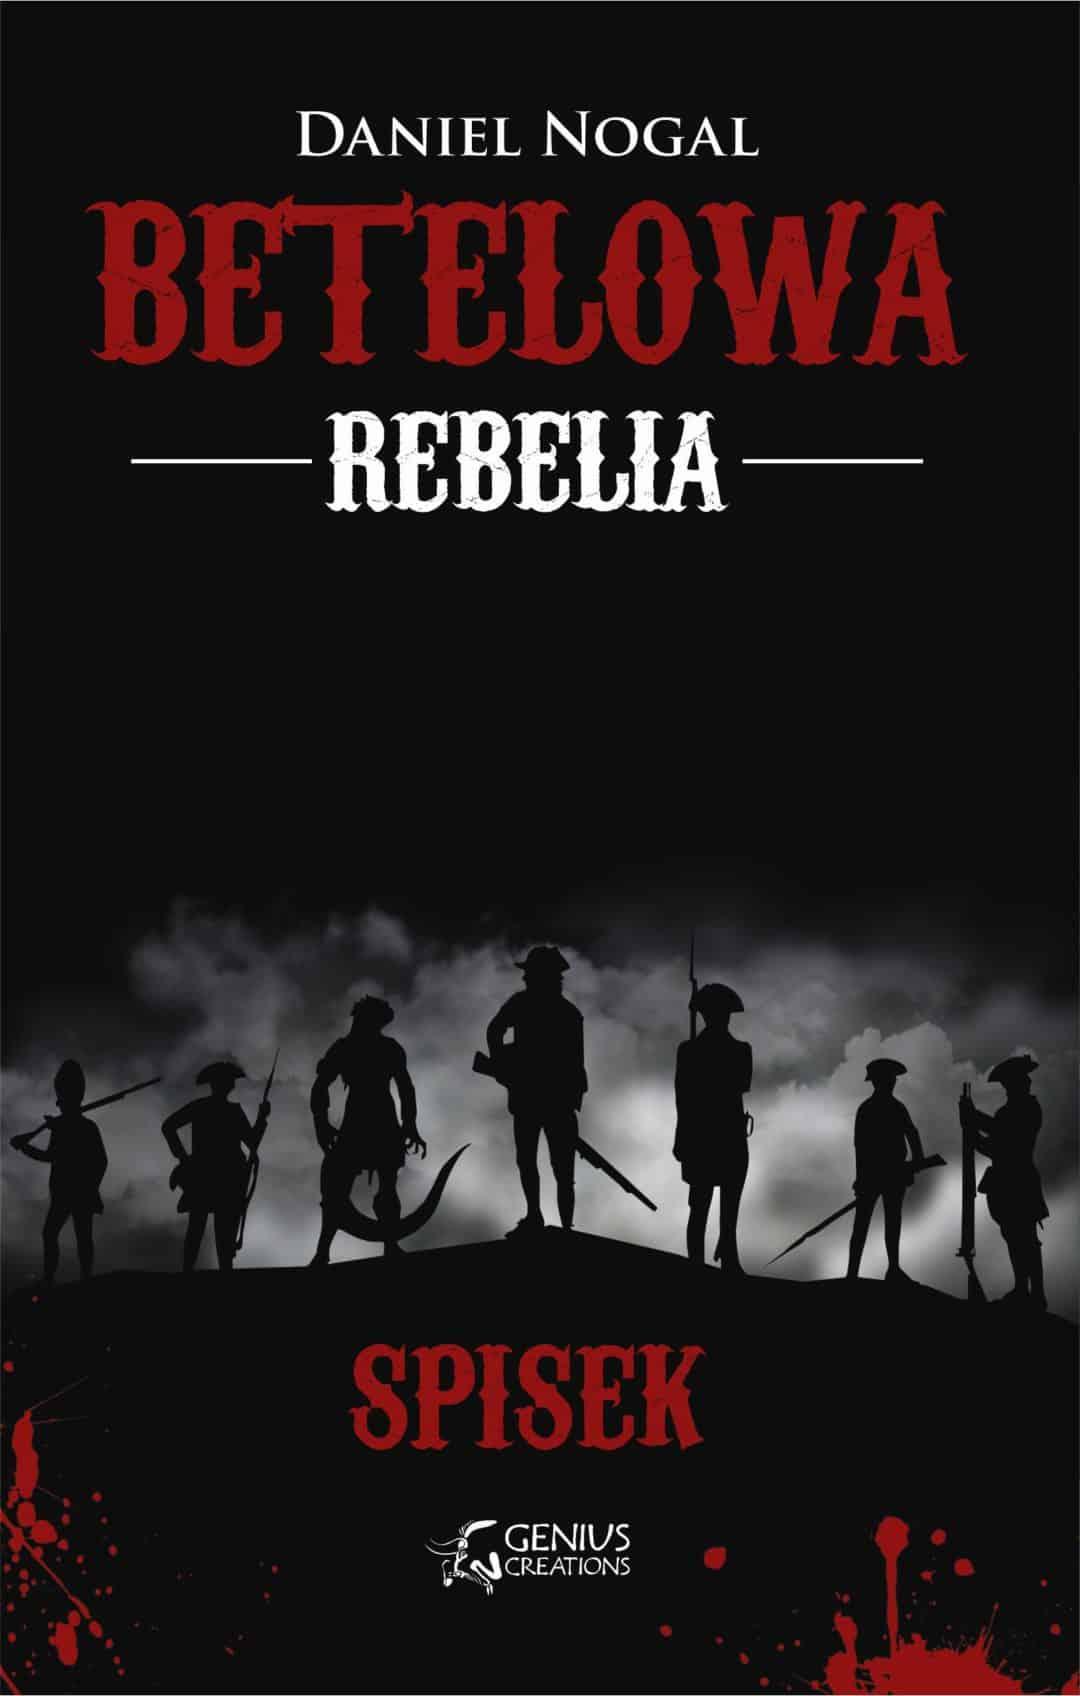 Betelowa rebelia: Spisek - Daniel Nogal